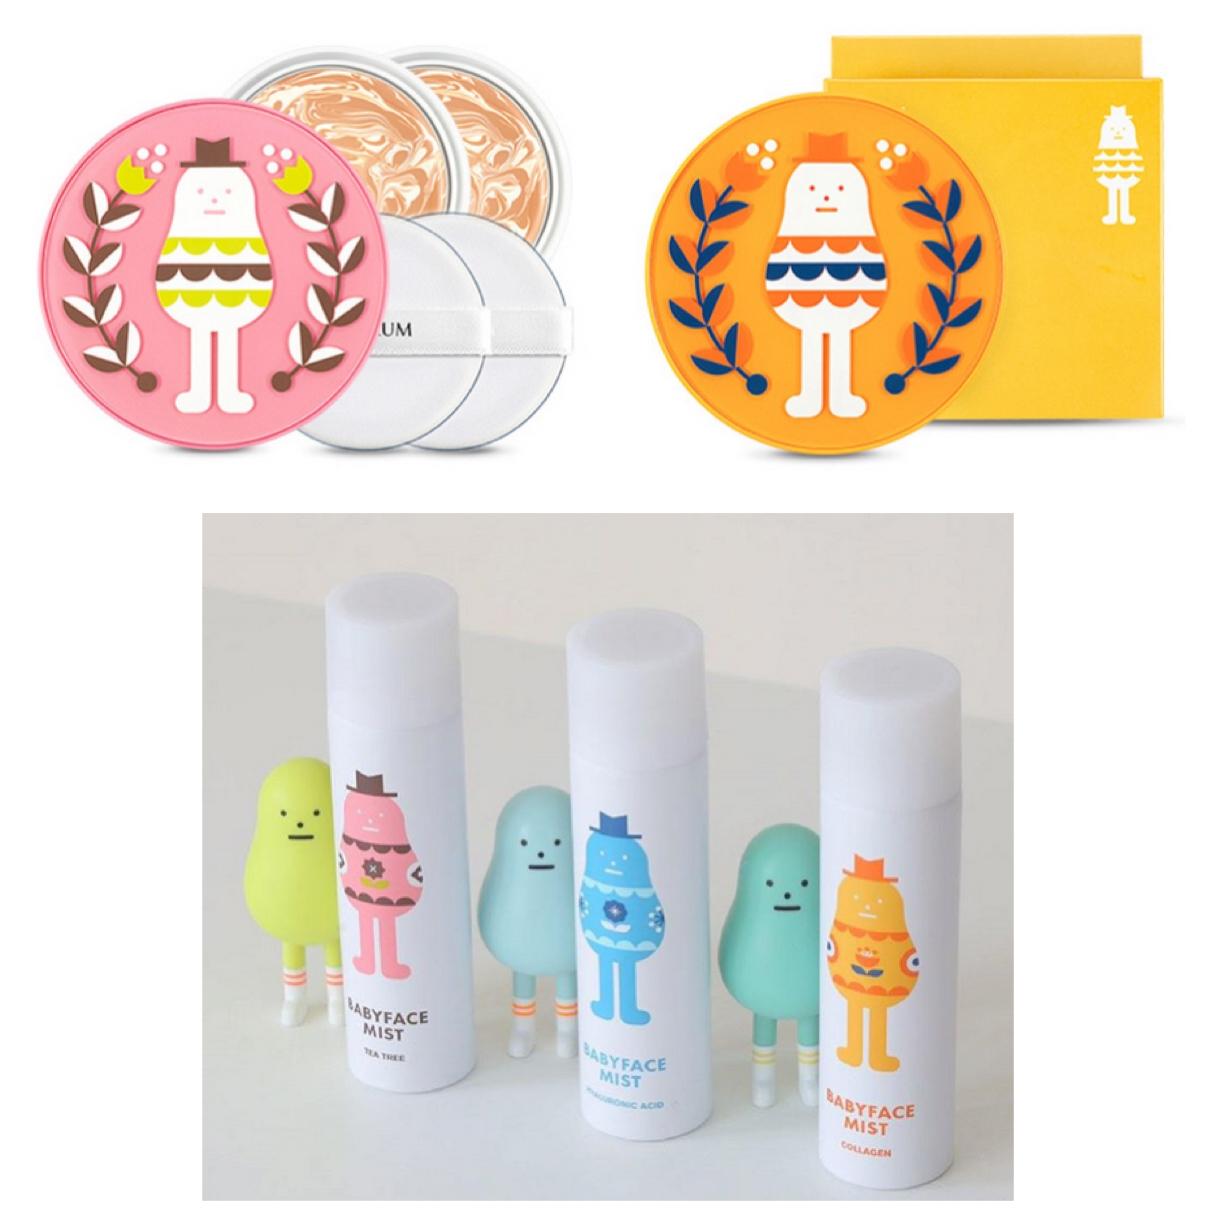 原本人氣商品Real Ampoule CC霜也有兩種新包裝喔♥ Baby Face Mist (茶樹、玻尿酸、膠原蛋白),噴了就能擁有童顏!!!(掃貨)